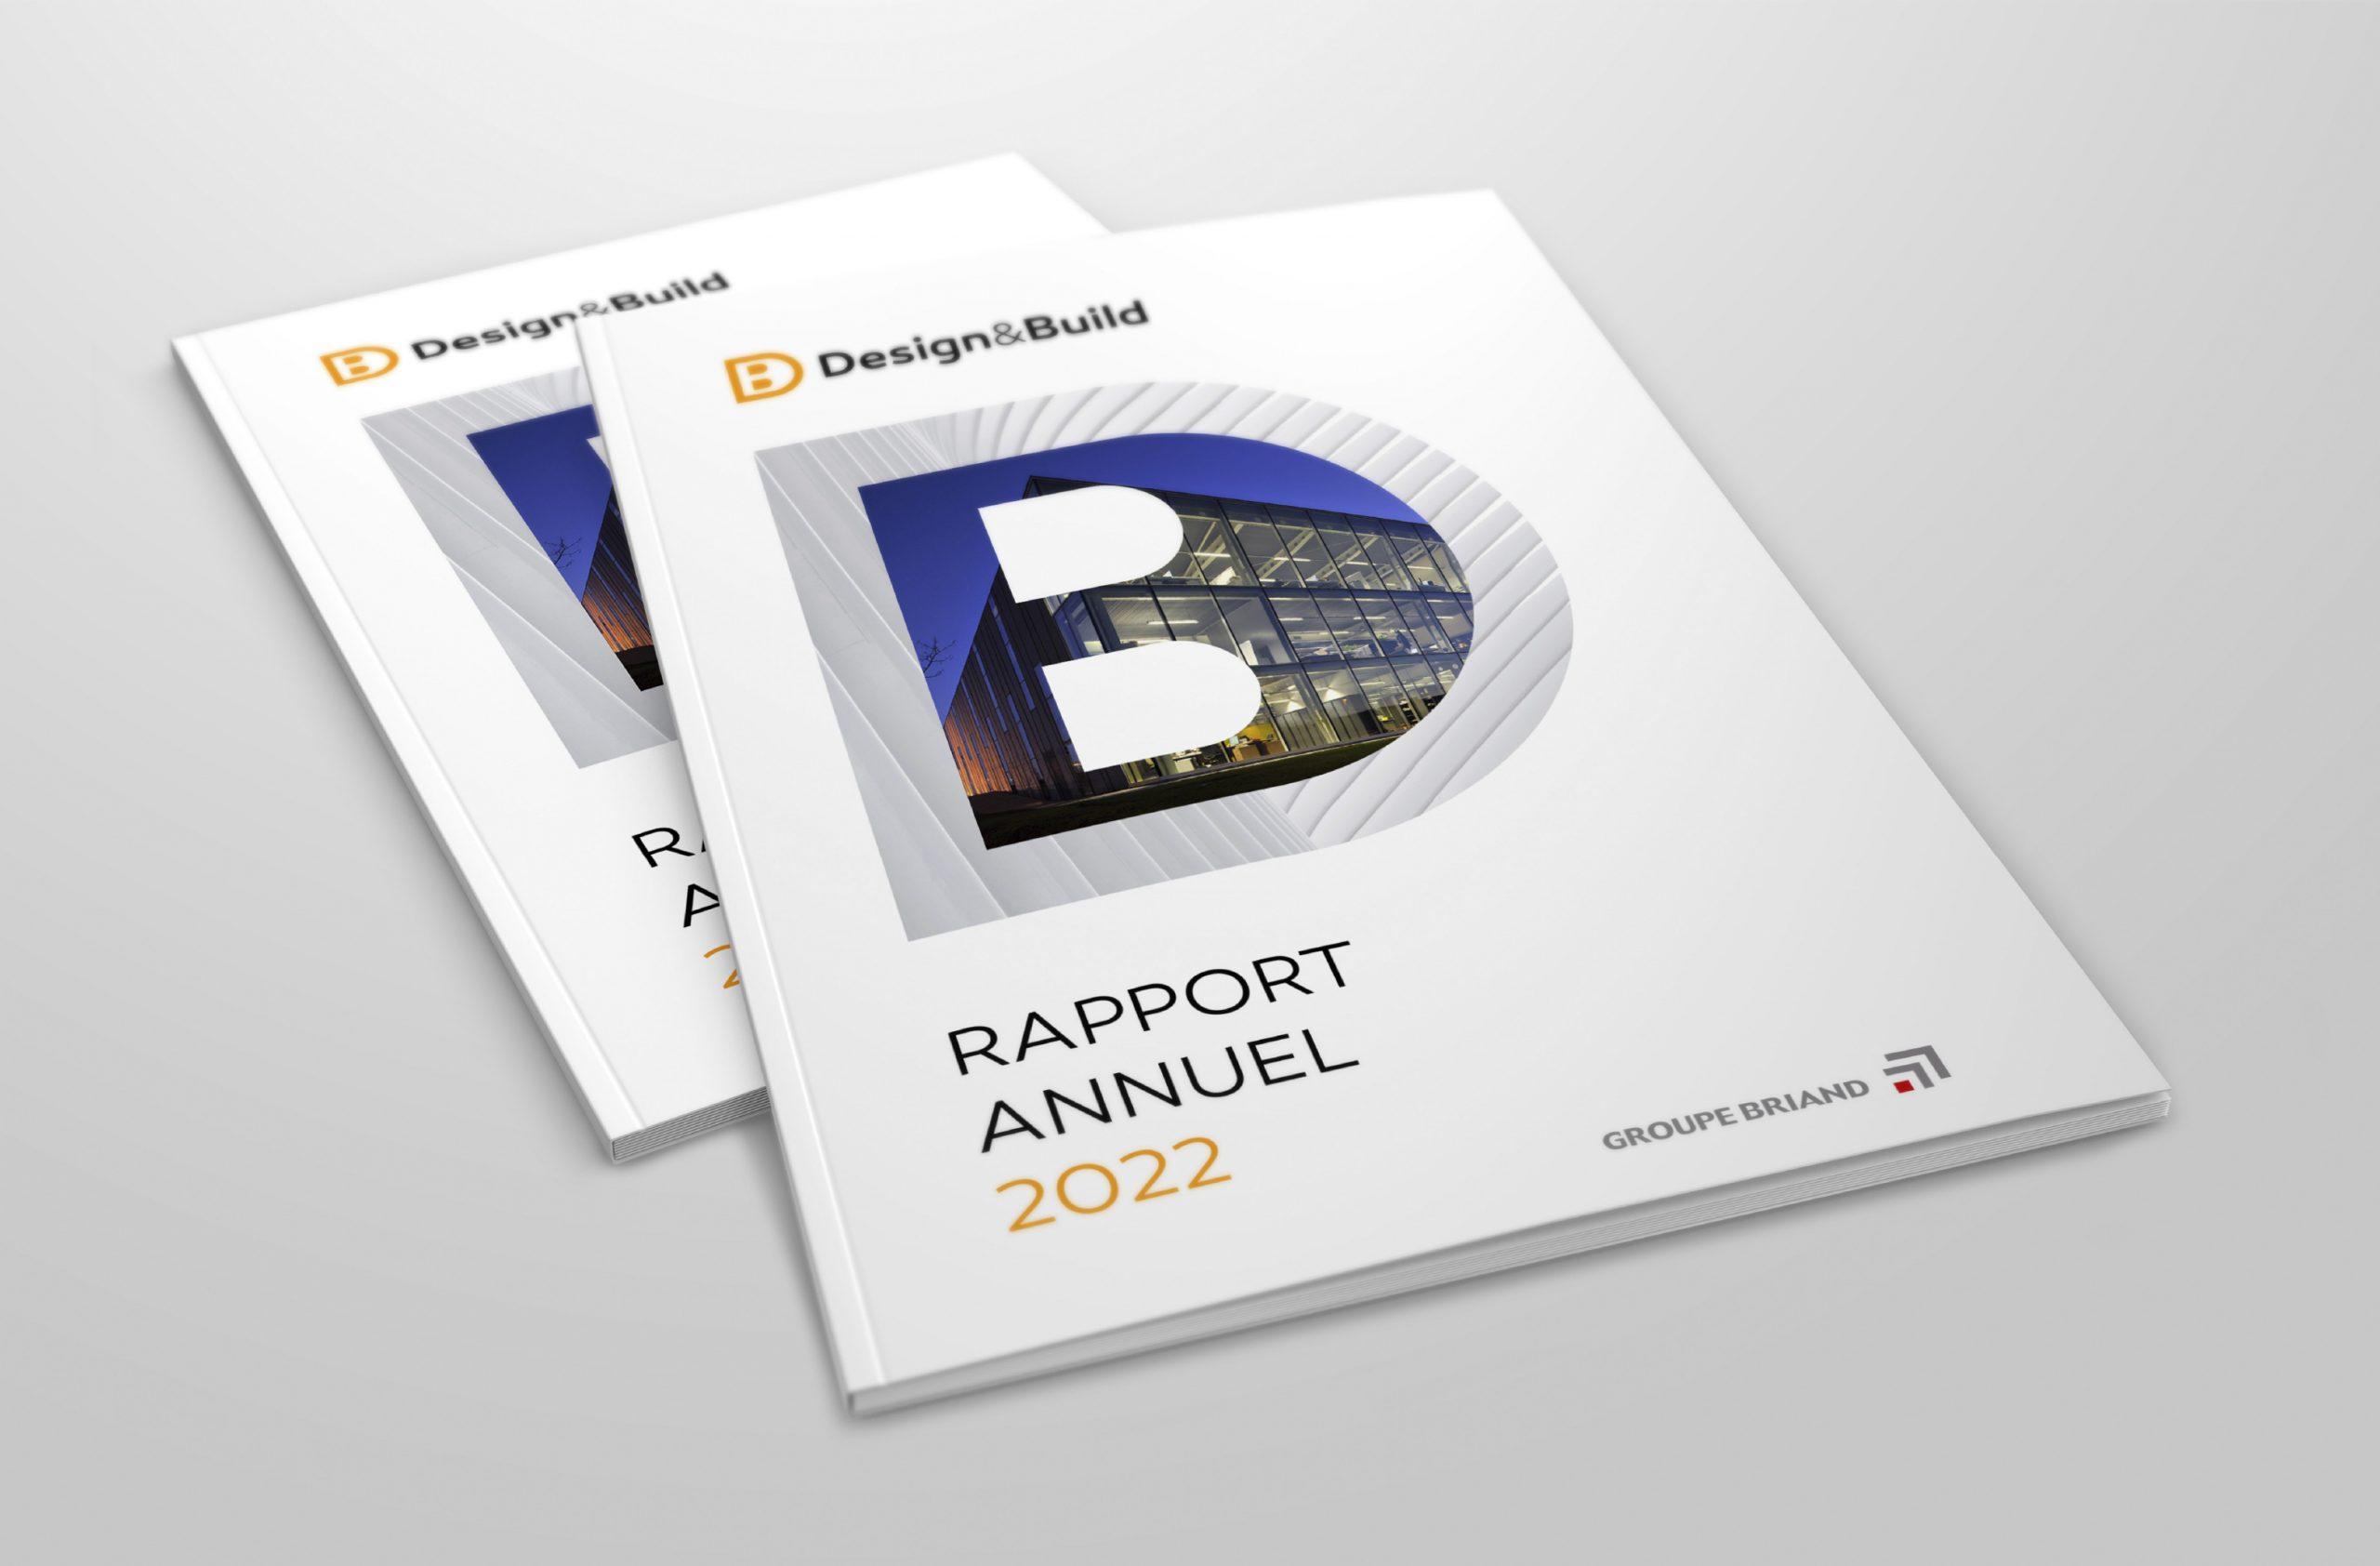 Rapport annuel Design & Build - Groupe Briand